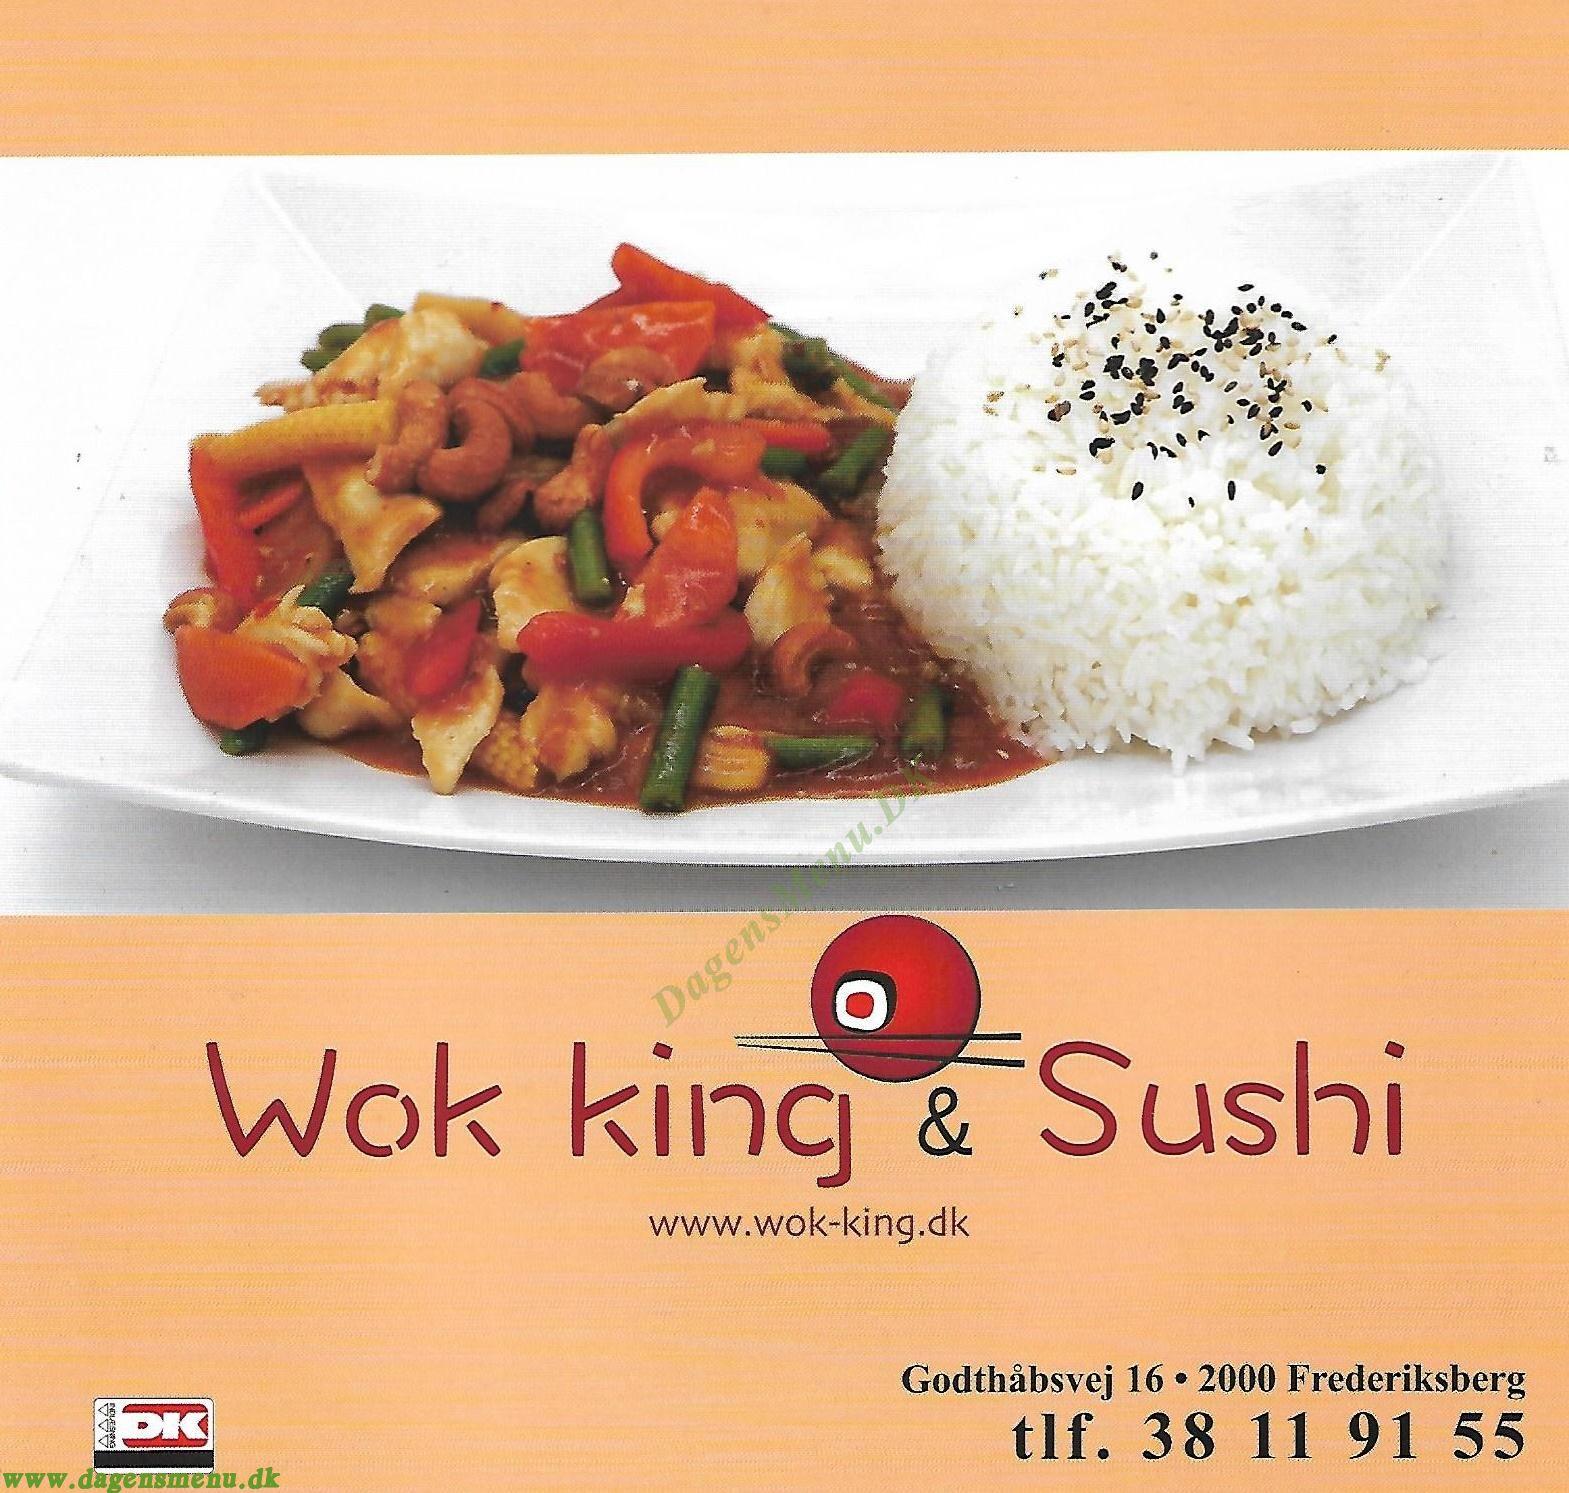 Wok King & Sushi - Menukort